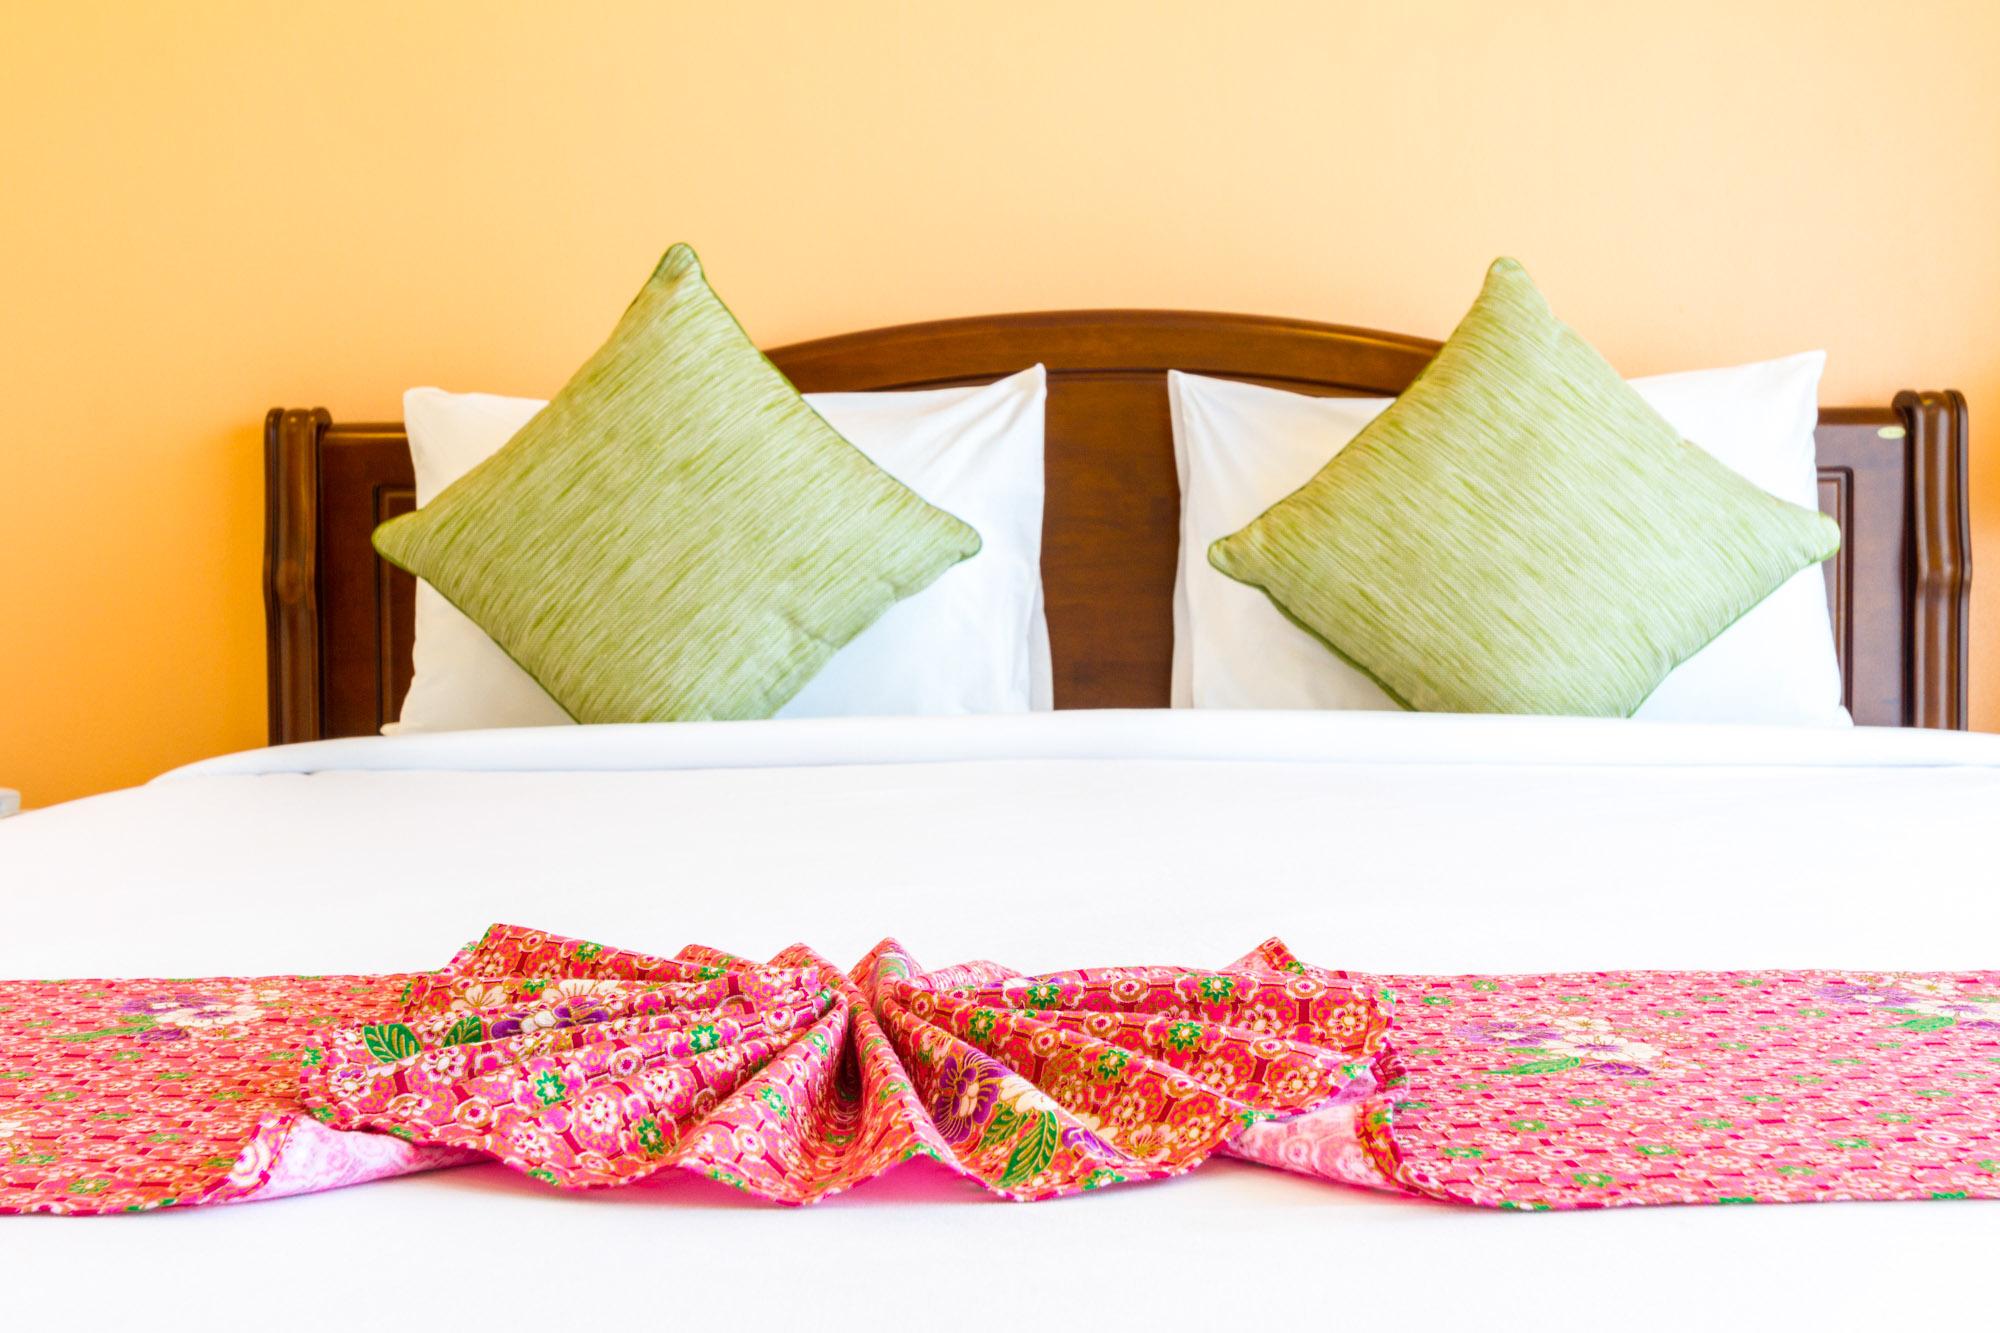 โรงแรมกระบี่เพชรไพลิน เมืองกระบี่  โรงแรมกระบี่เพชรไพลิน โฮเทล (Krabi Phetpailin Hotel) Halal IMG 0173